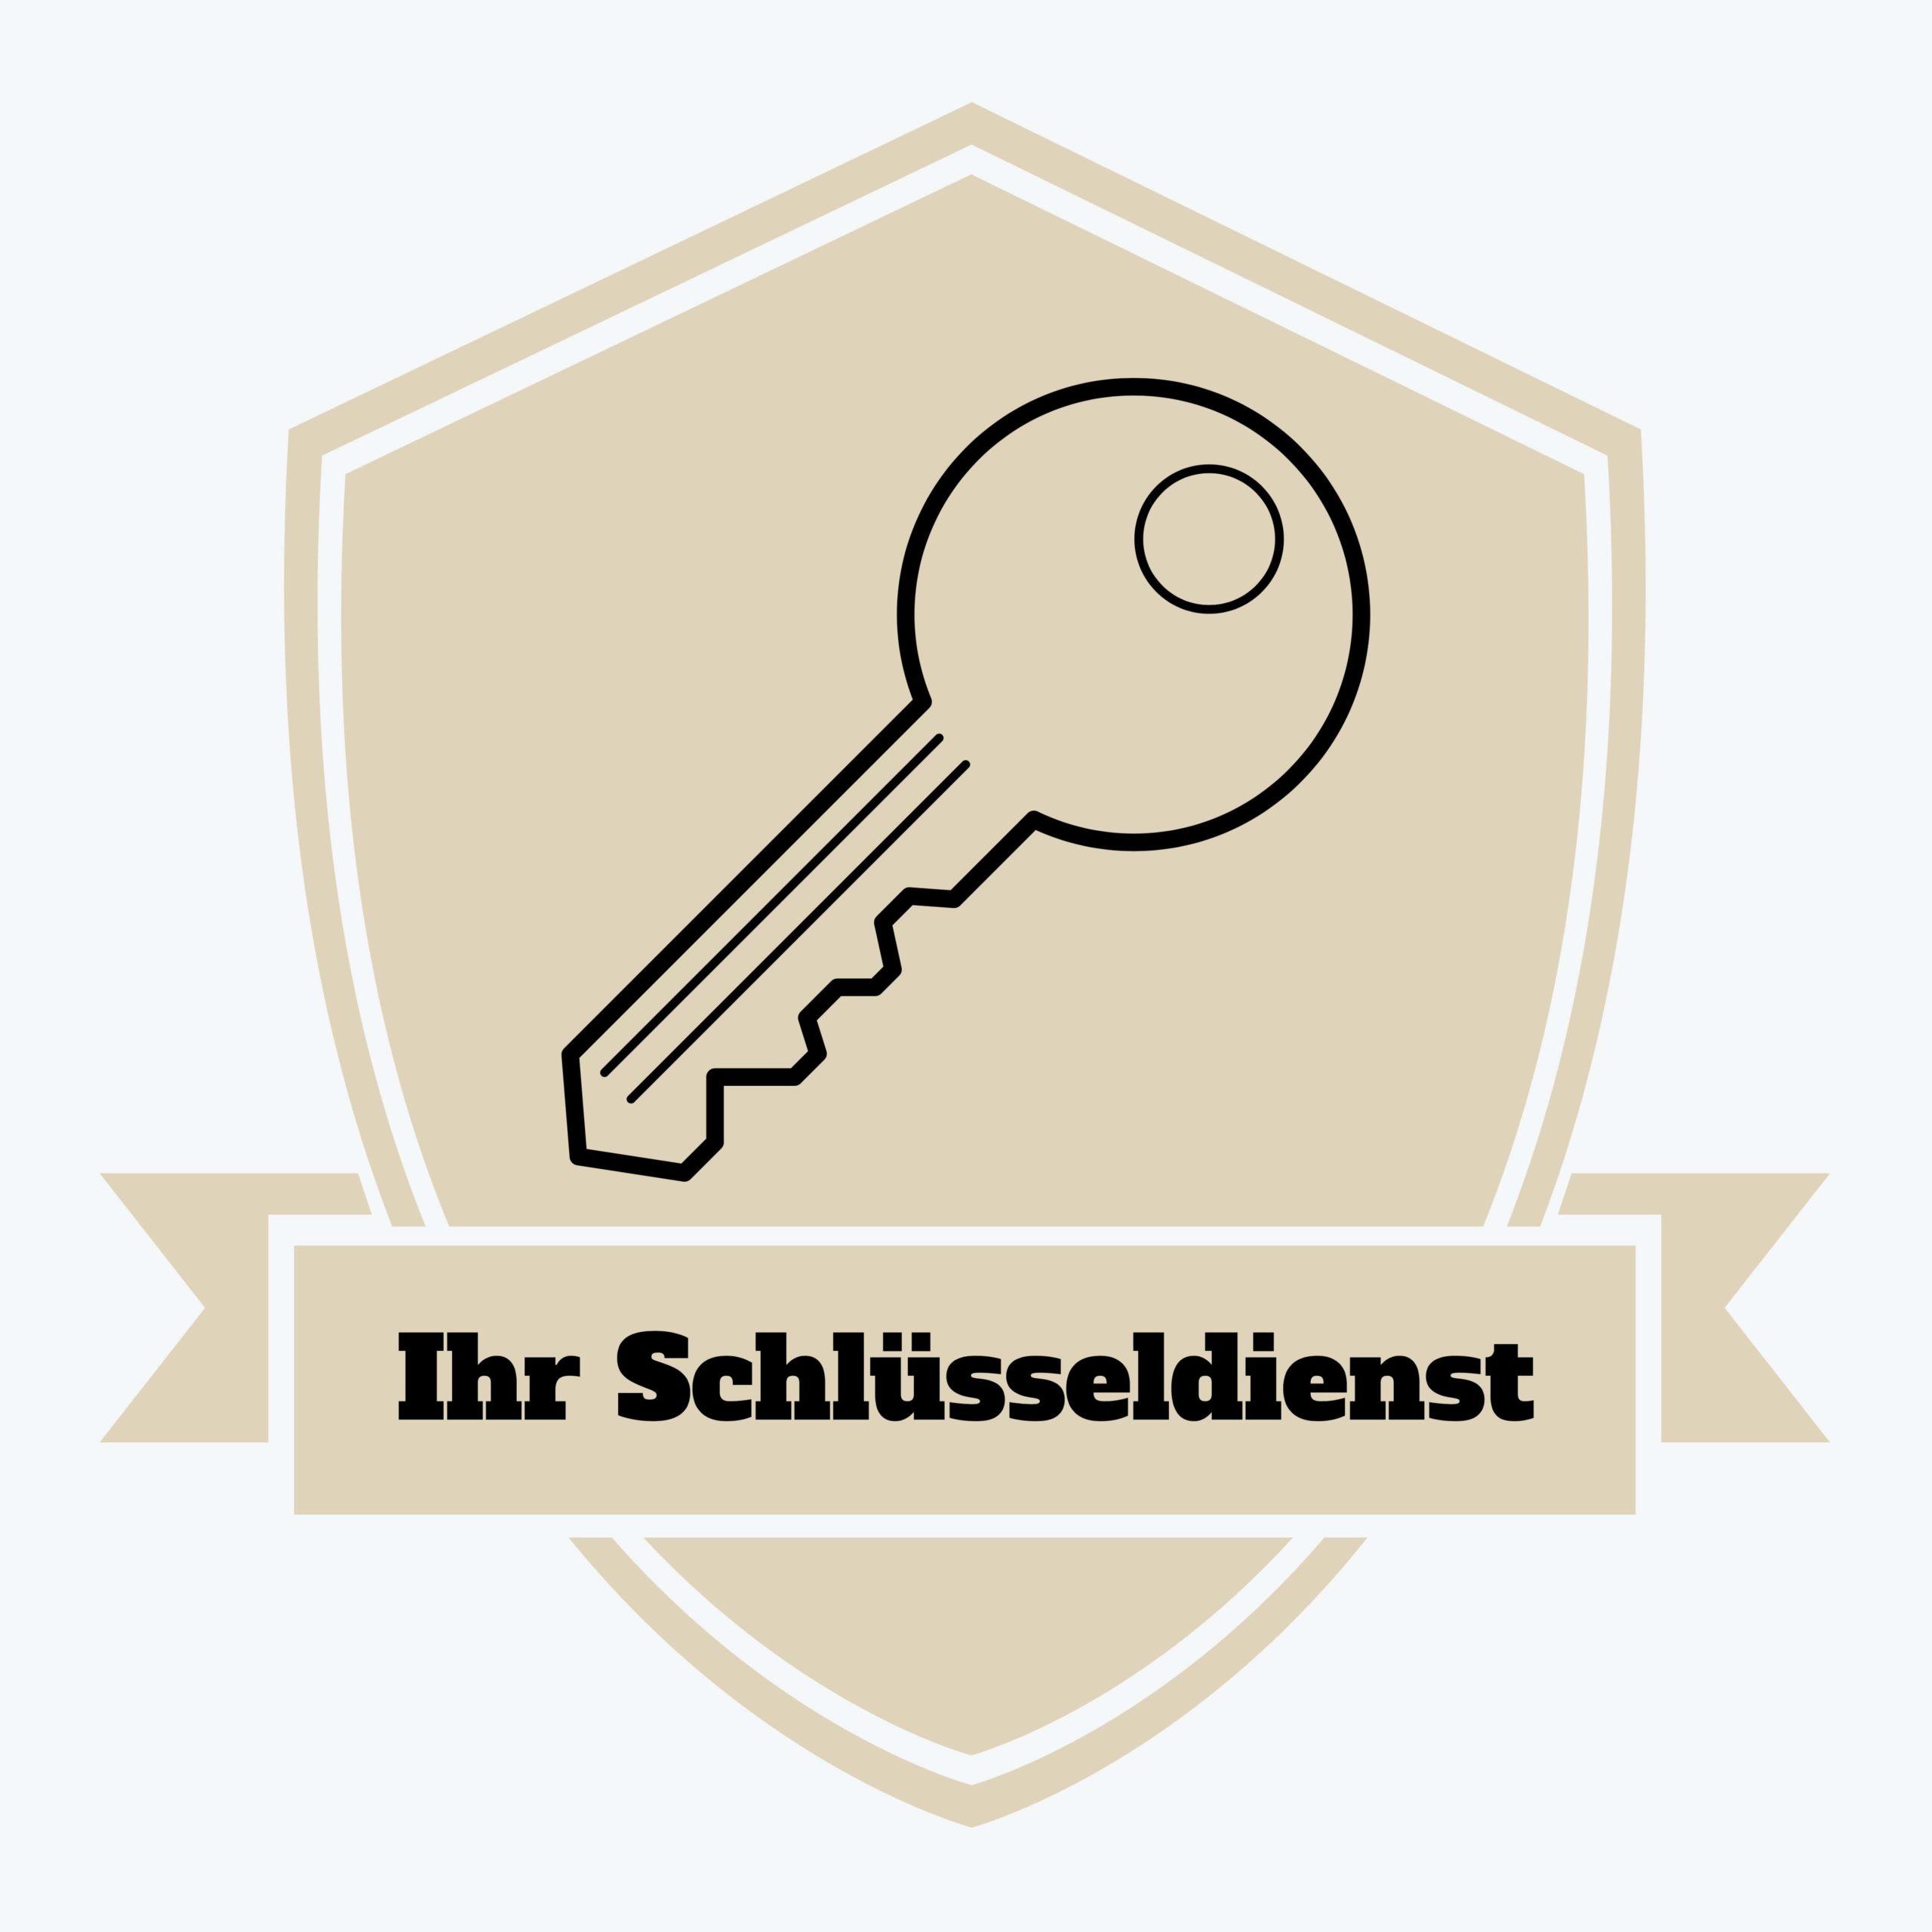 Schlüsseldienst zerstörungsfreie Türnotöffnung und Tresoröffnung